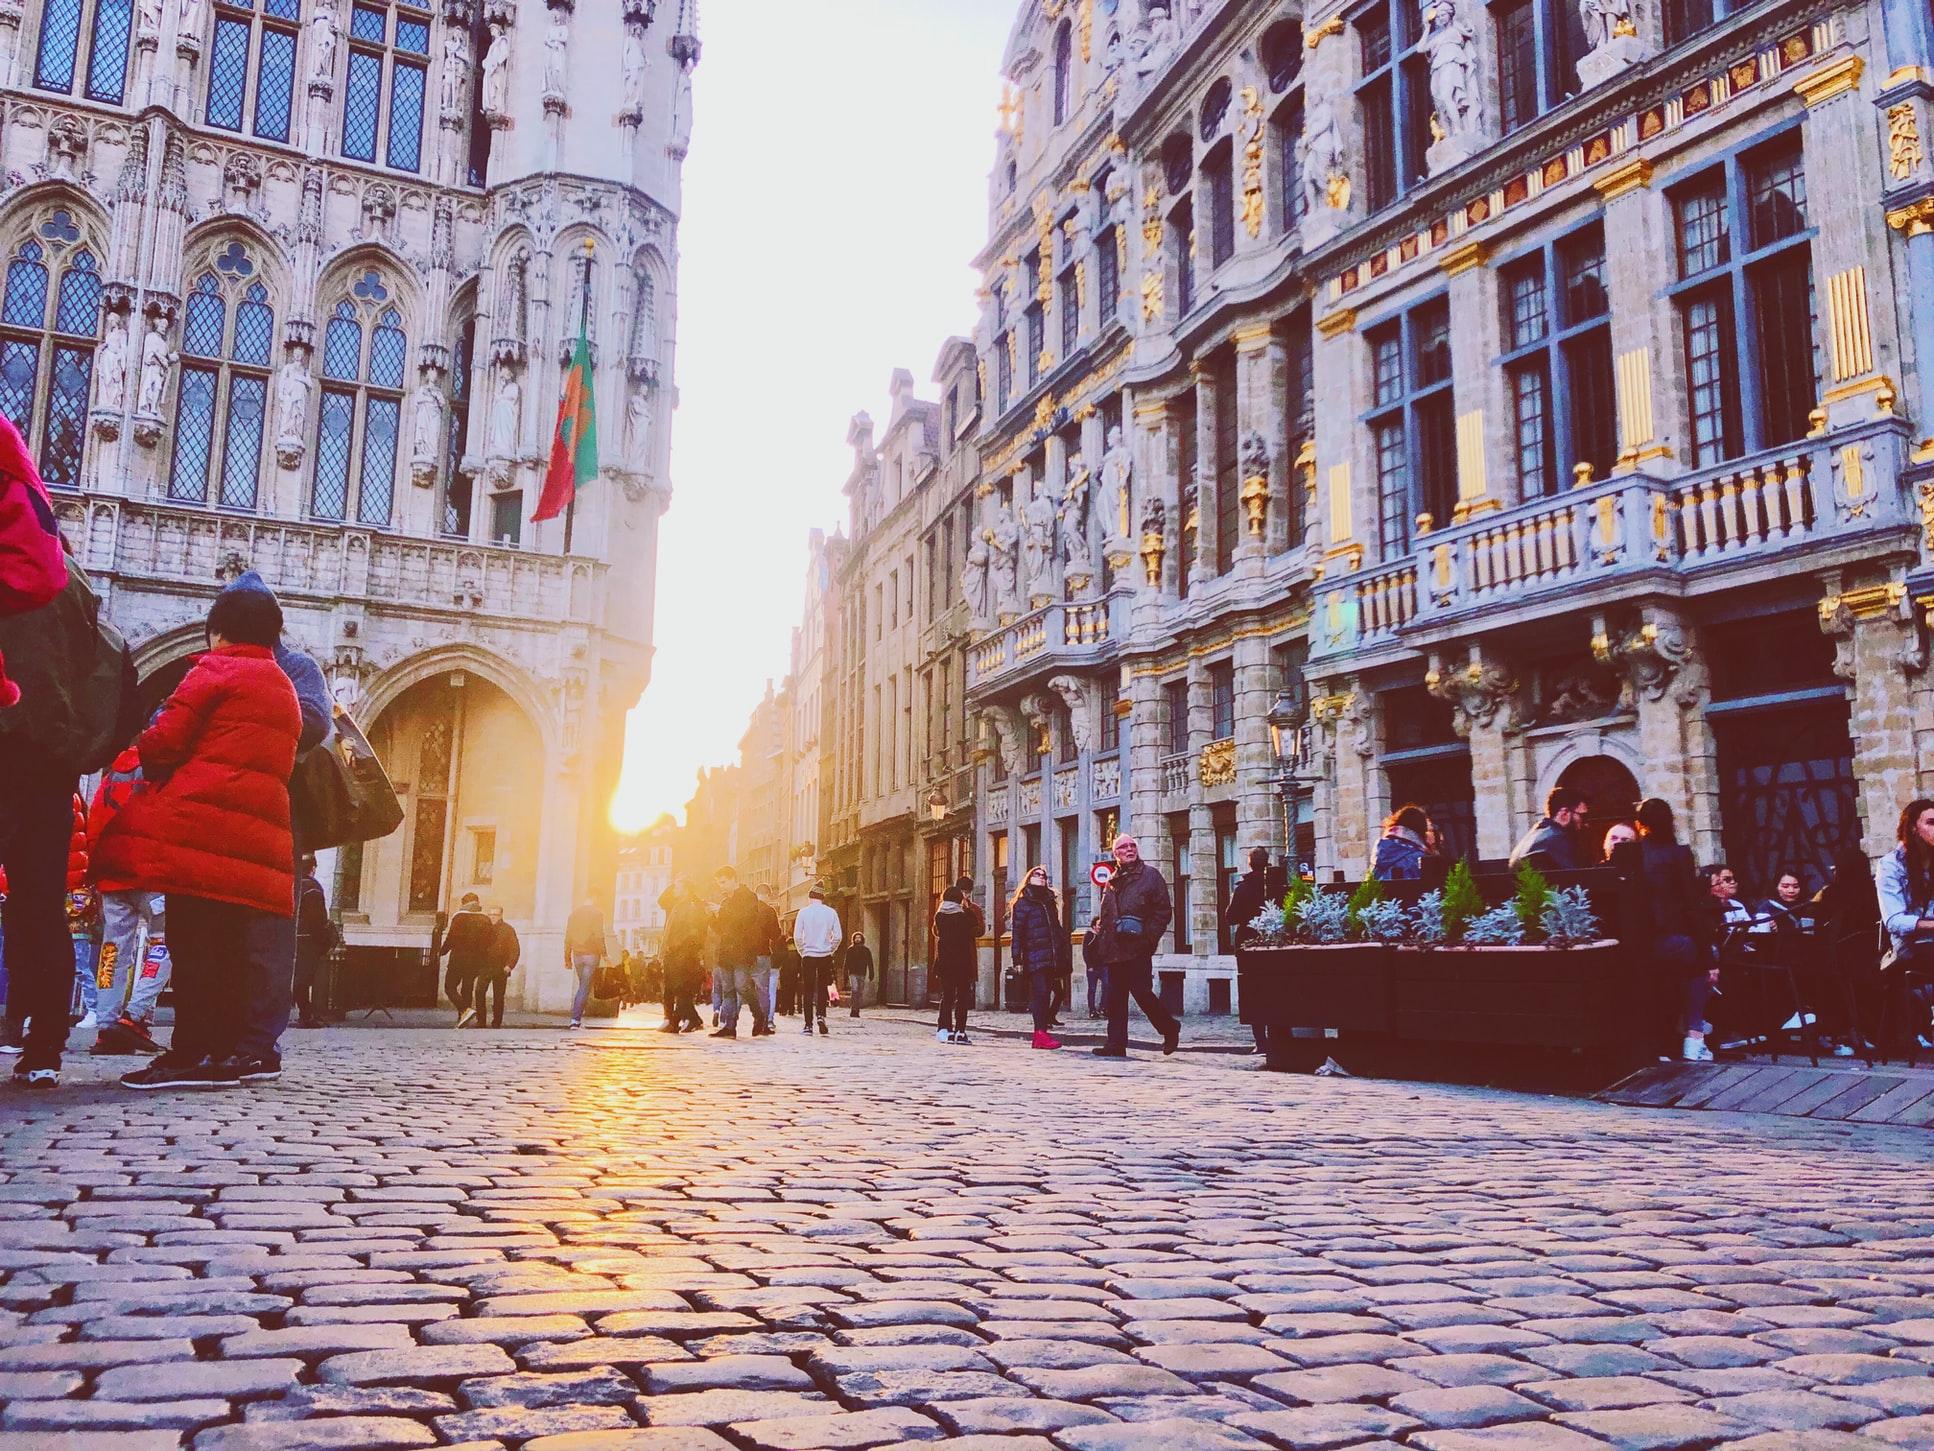 La Belgique, l'un des pays les plus remarquables au monde